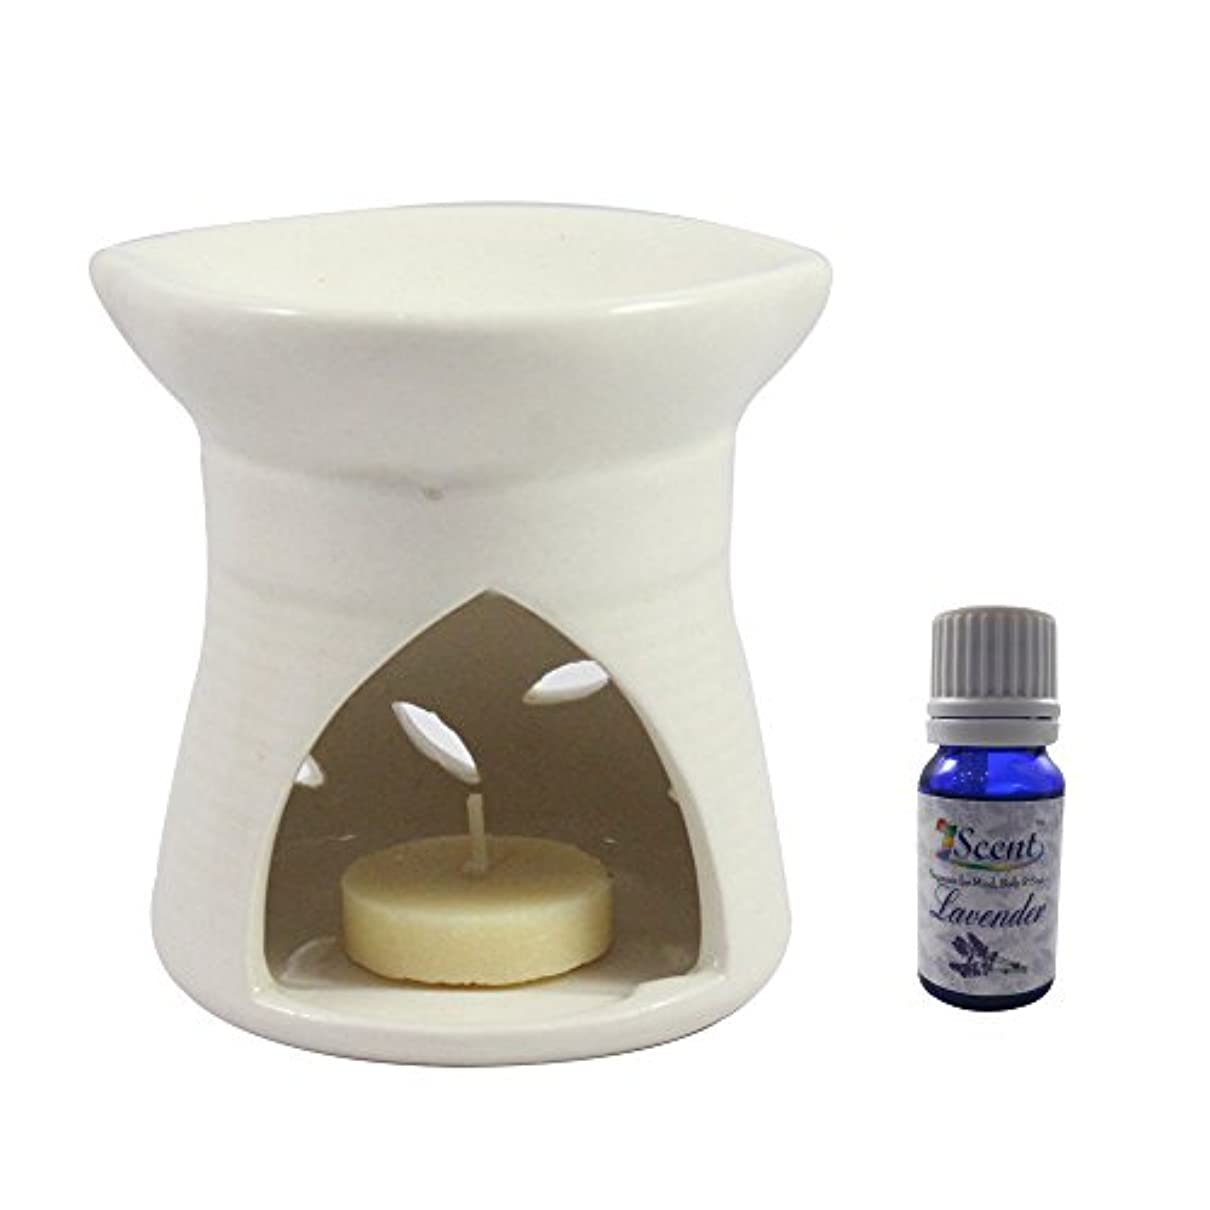 シットコム提供された明確にホームデコレーション定期的に使用する汚染のない手作りセラミックエスニックティーライトキャンドルアロマディフューザーオイルバーナーサンダルウッドフレグランスオイル ホワイトティーライトキャンドルアロマテラピー香油暖かい数量1